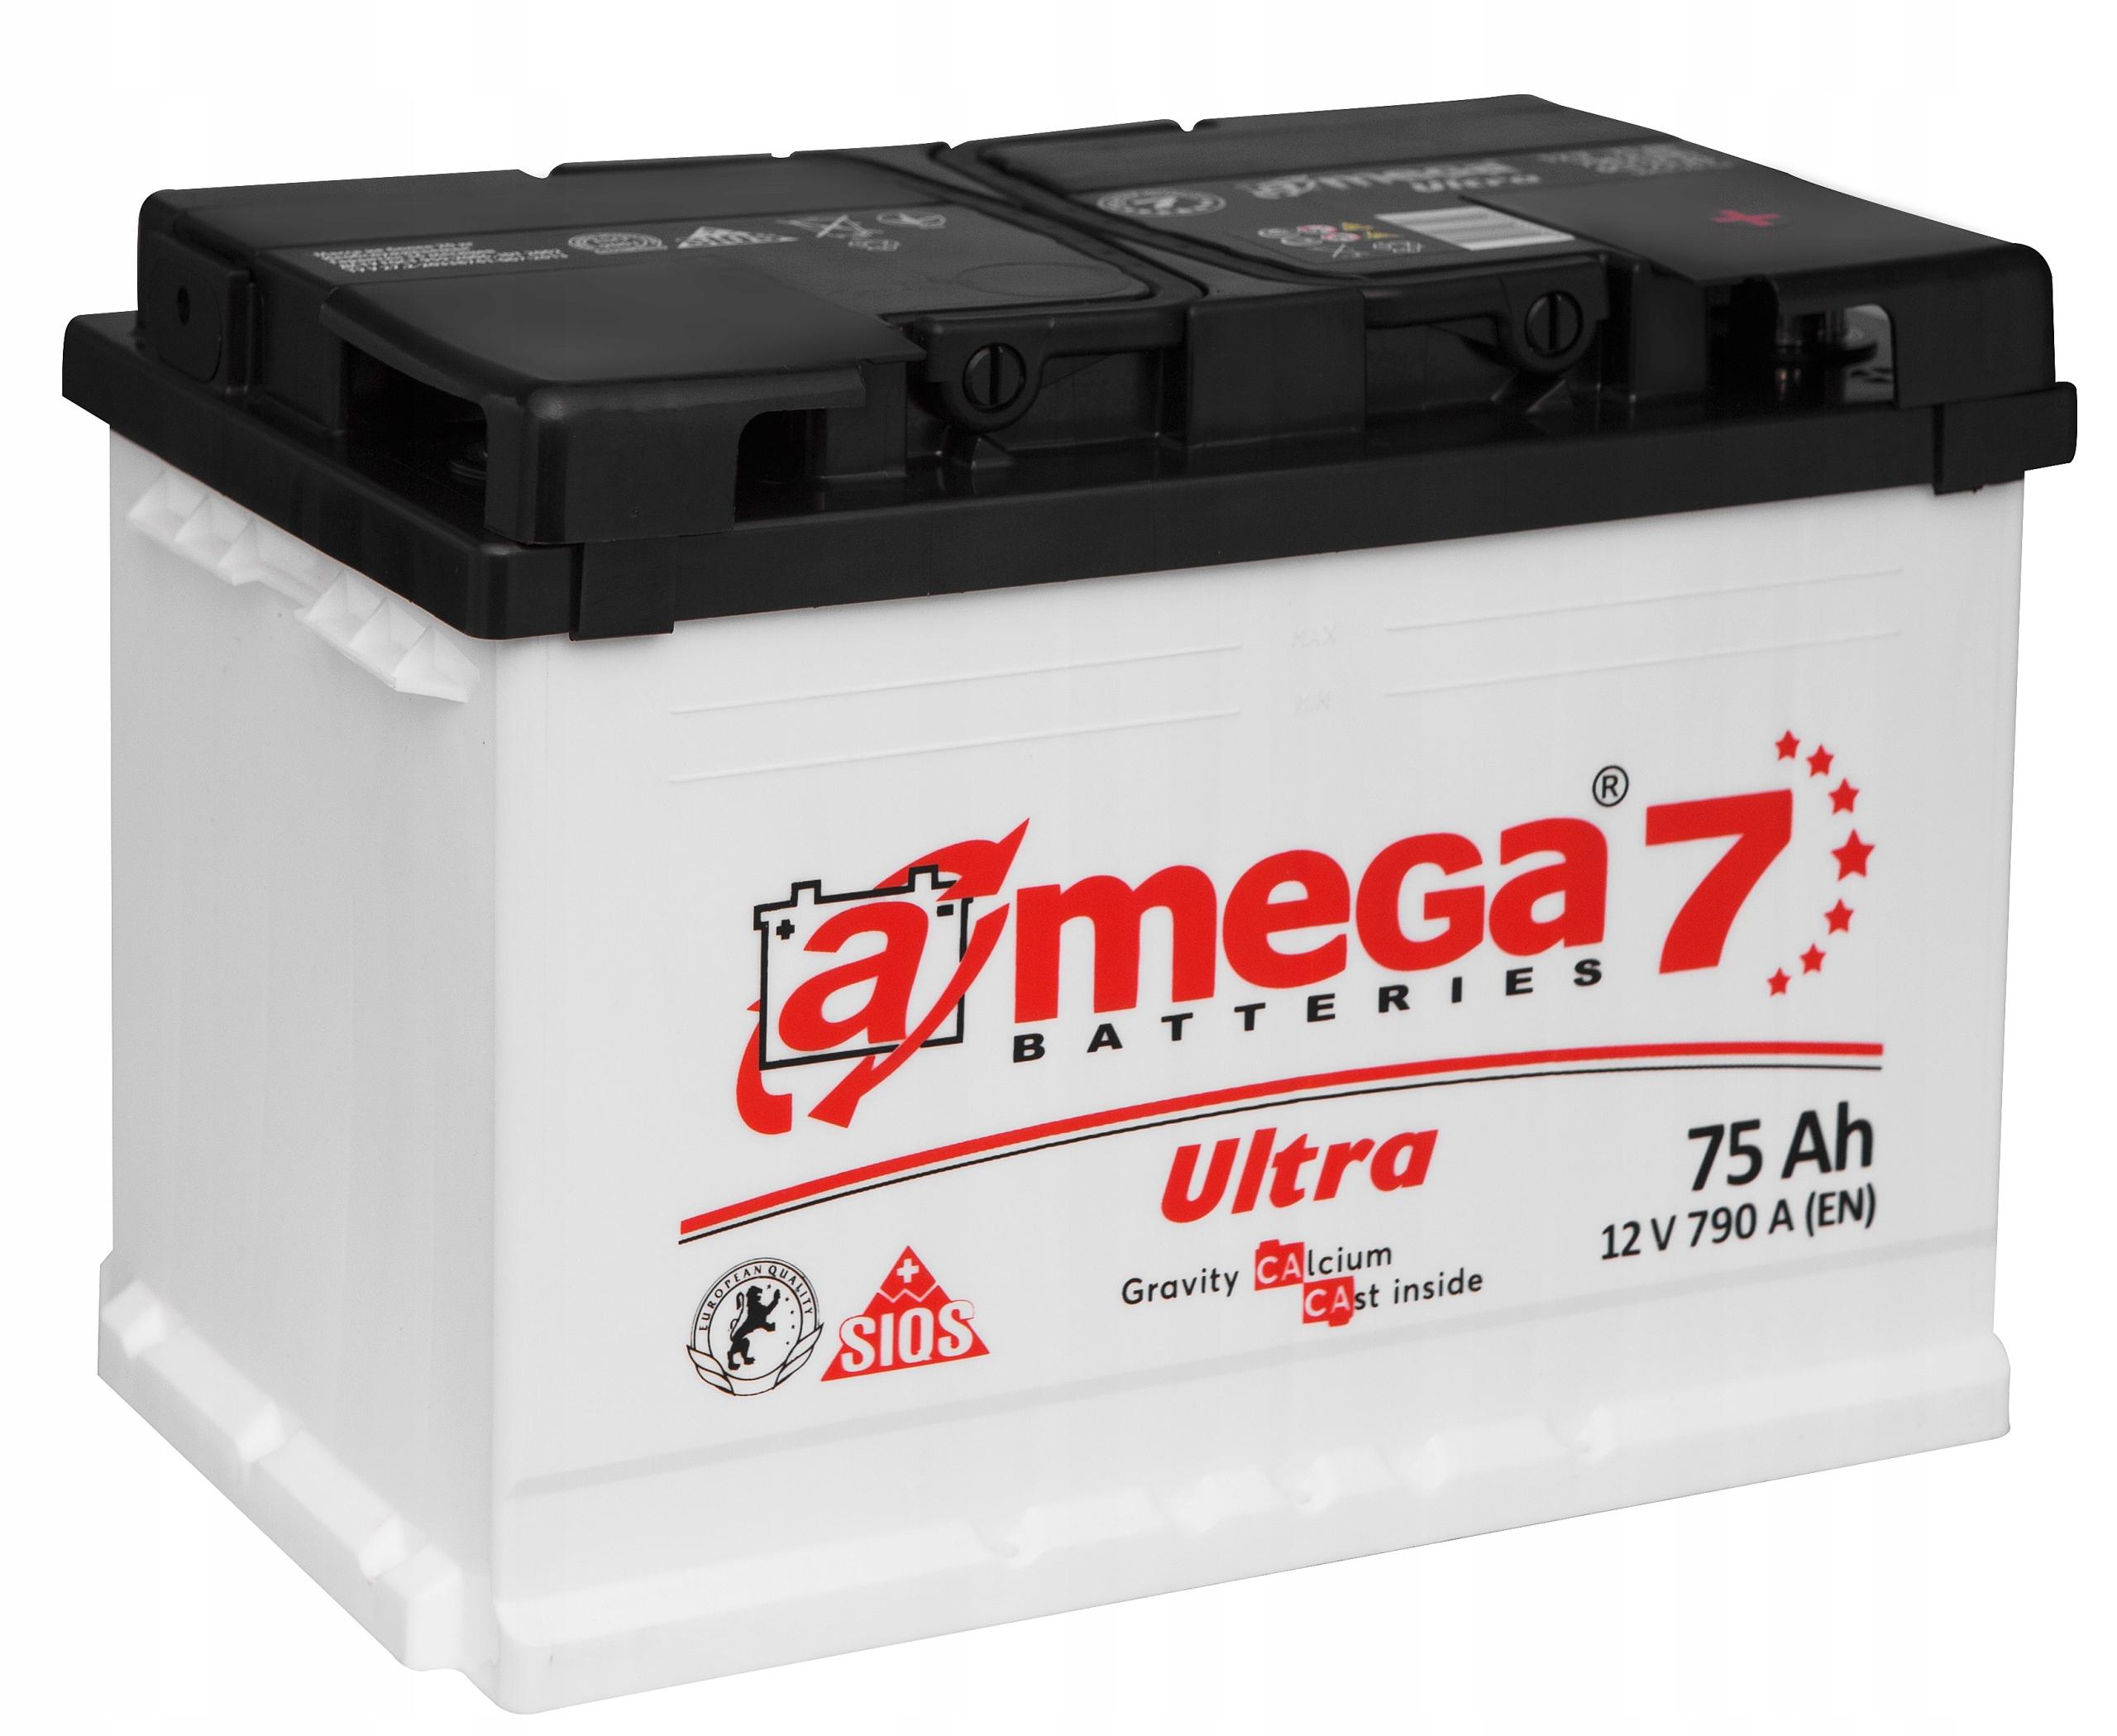 аккумулятор amega ultra m7 12v 75ah 790a